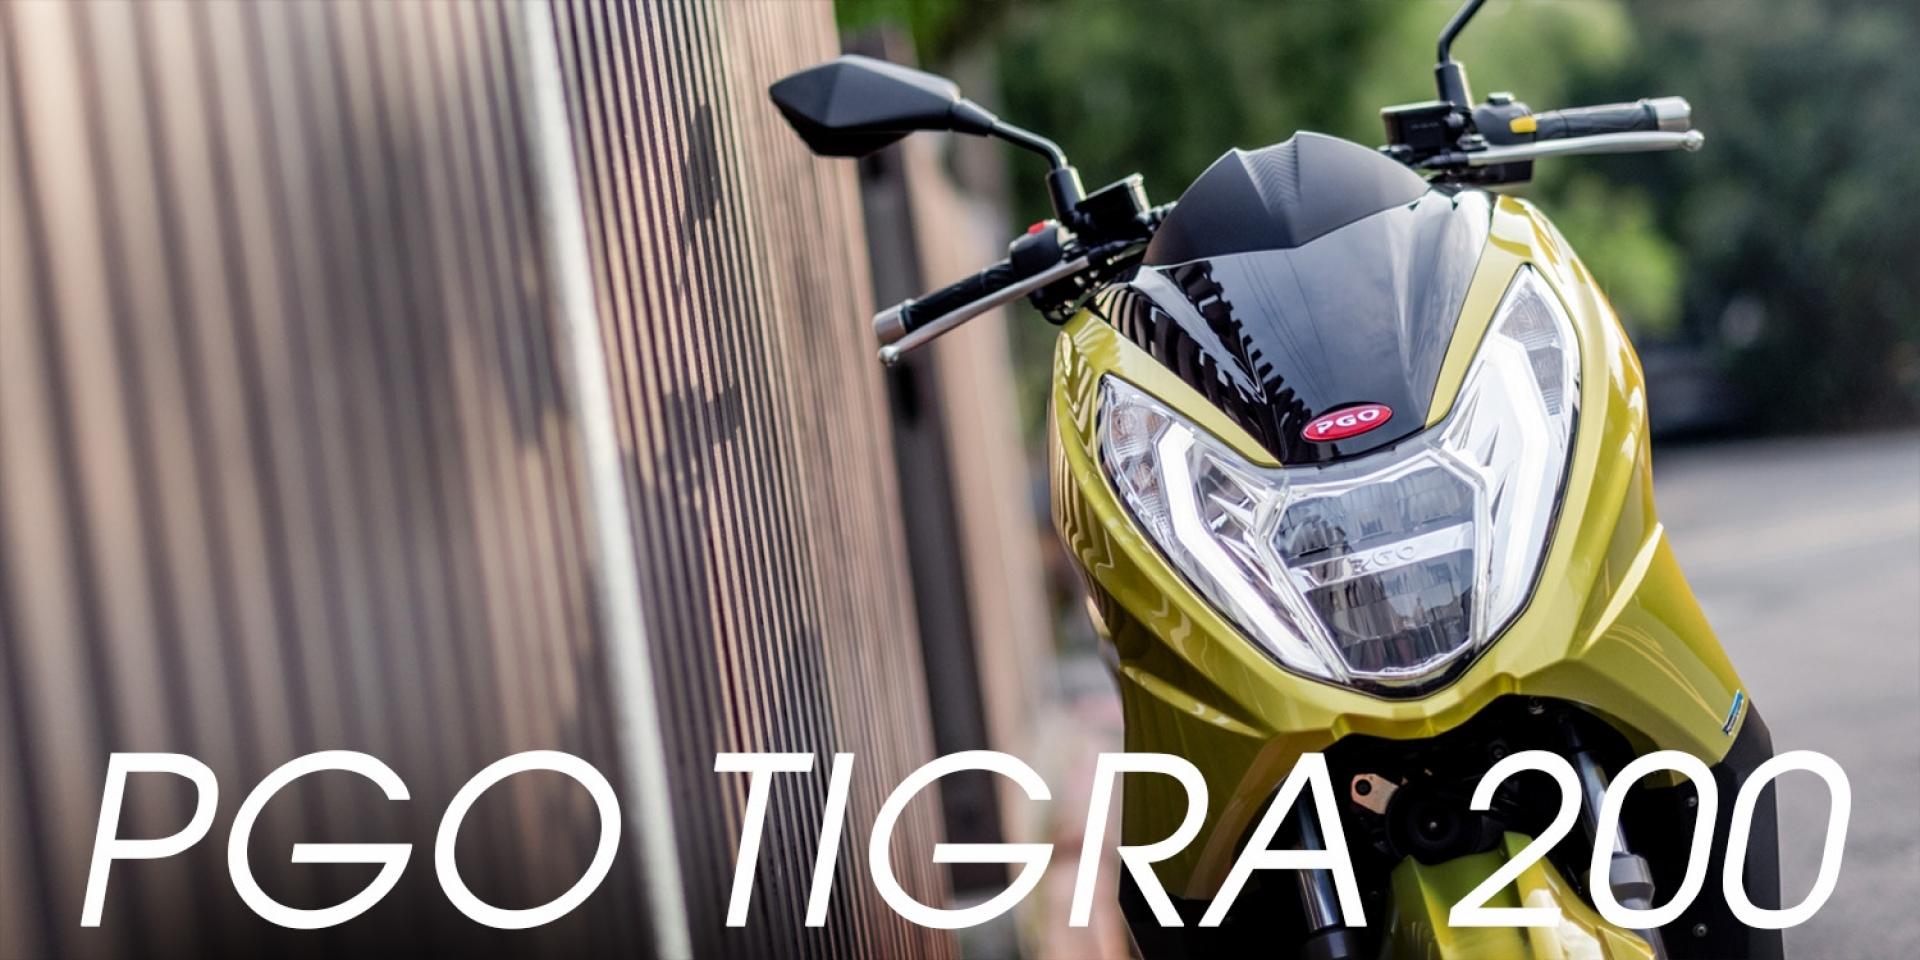 19.7匹最大馬力「彪虎」街頭領騎,改走休旅風的PGO TIGRA 200